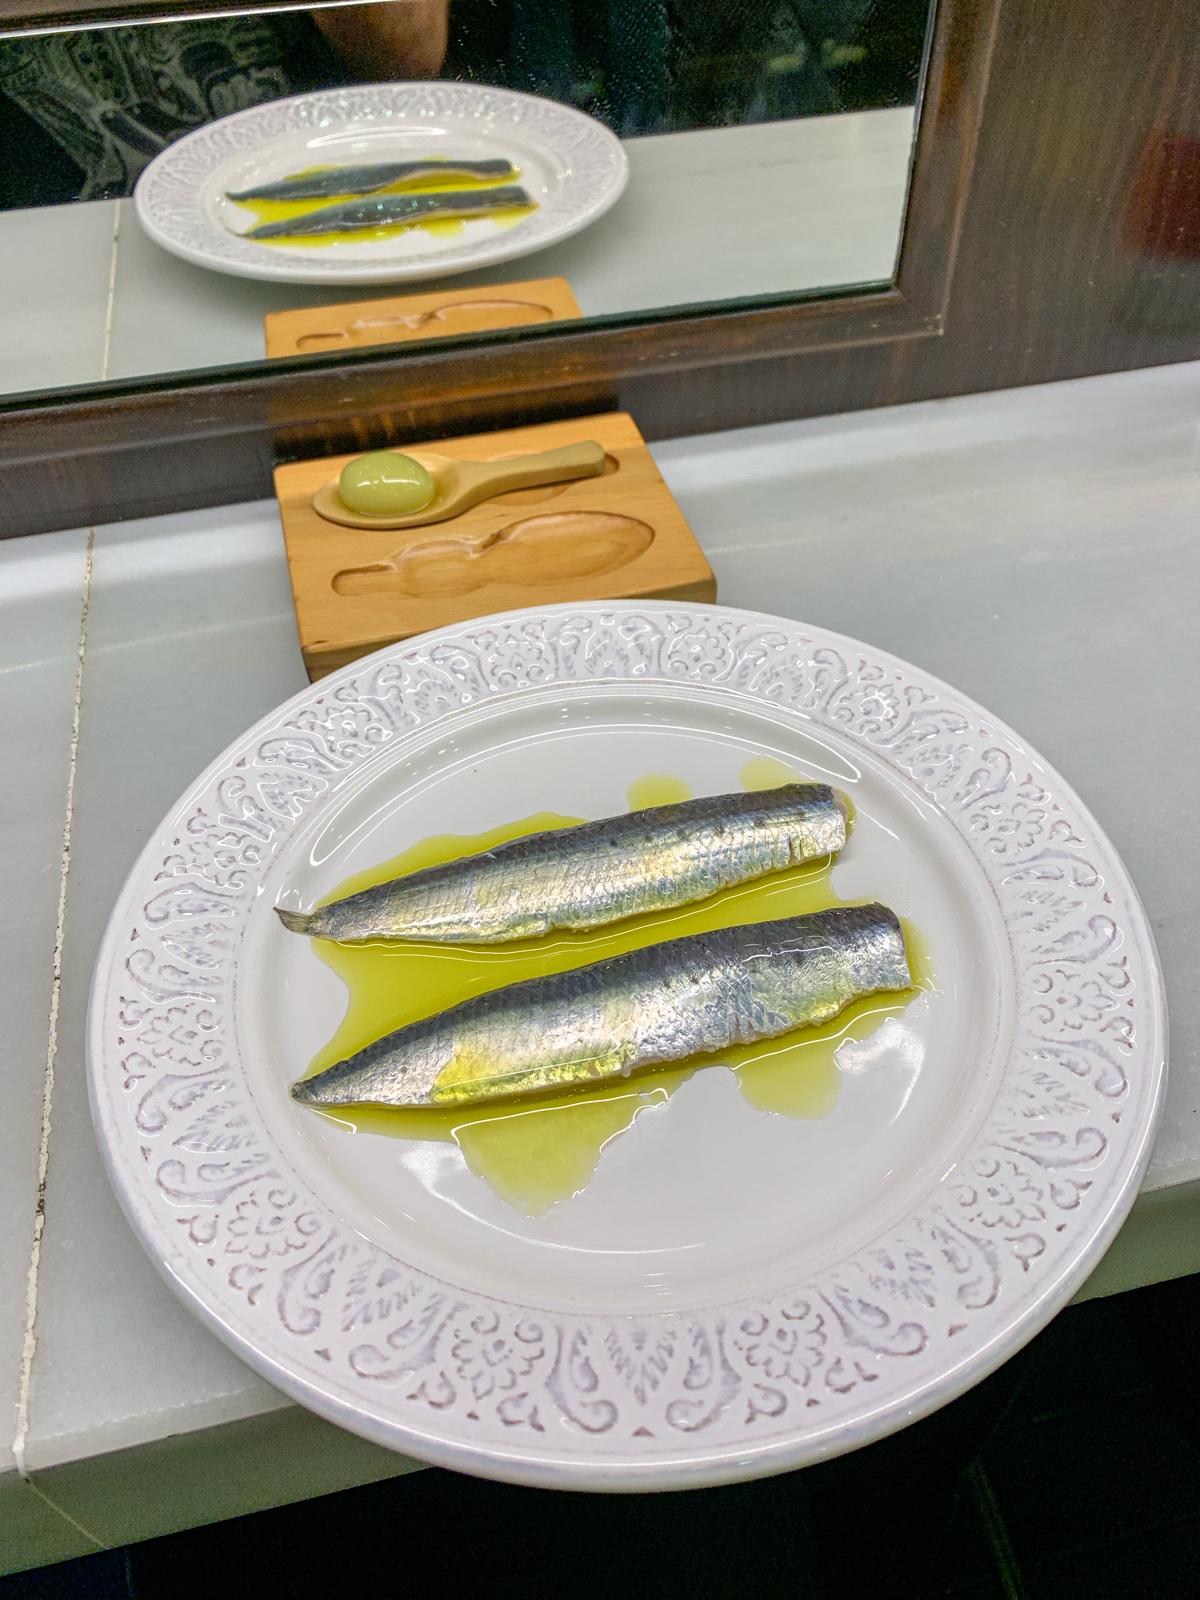 Sardines with olive oil at Bodega 1900 in Barcelona, Spain